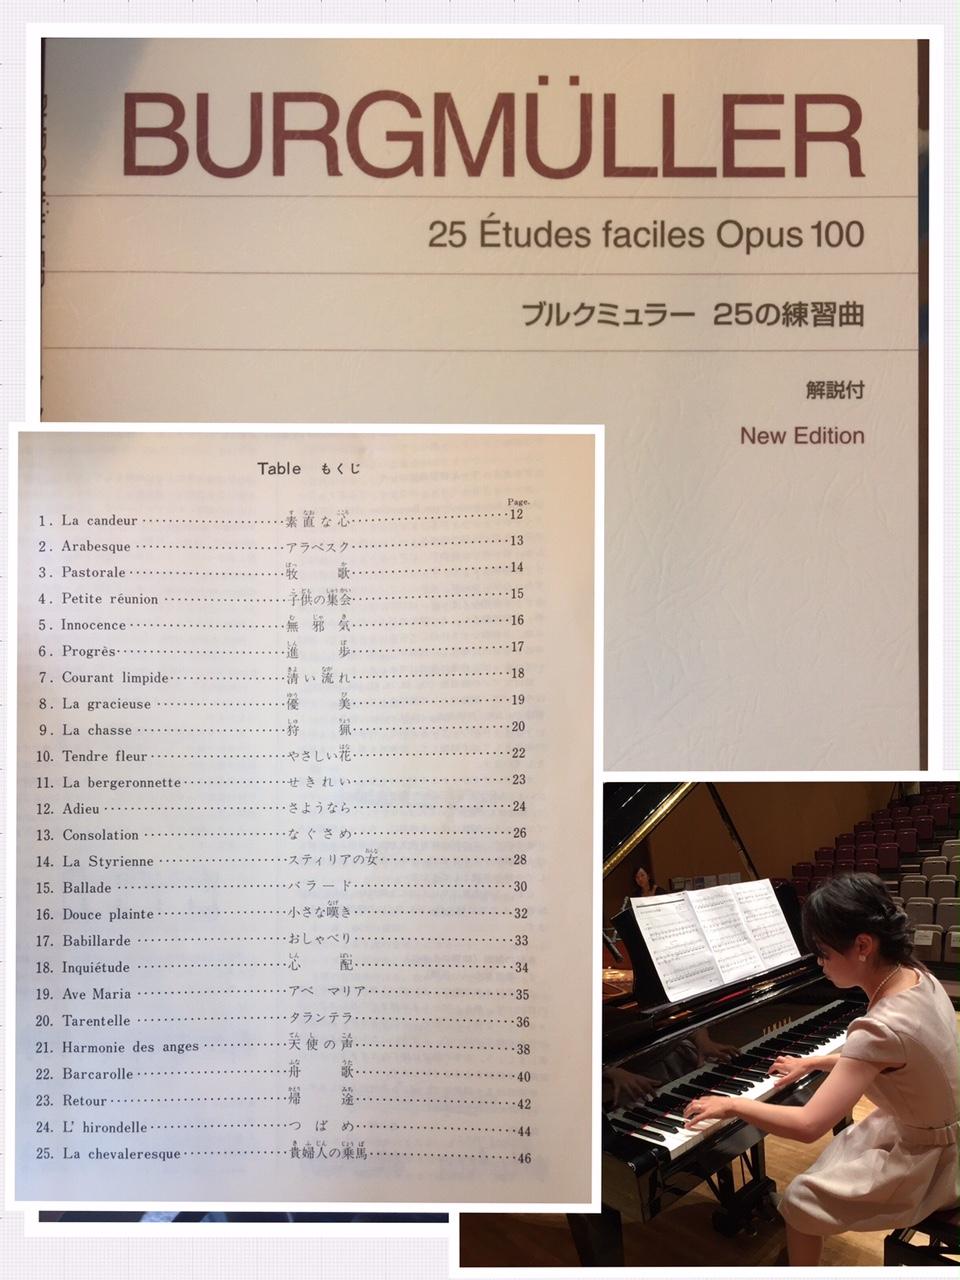 ブルグミュラー25曲の練習曲 全曲コンサートのご案内_f0180576_1564614.jpg